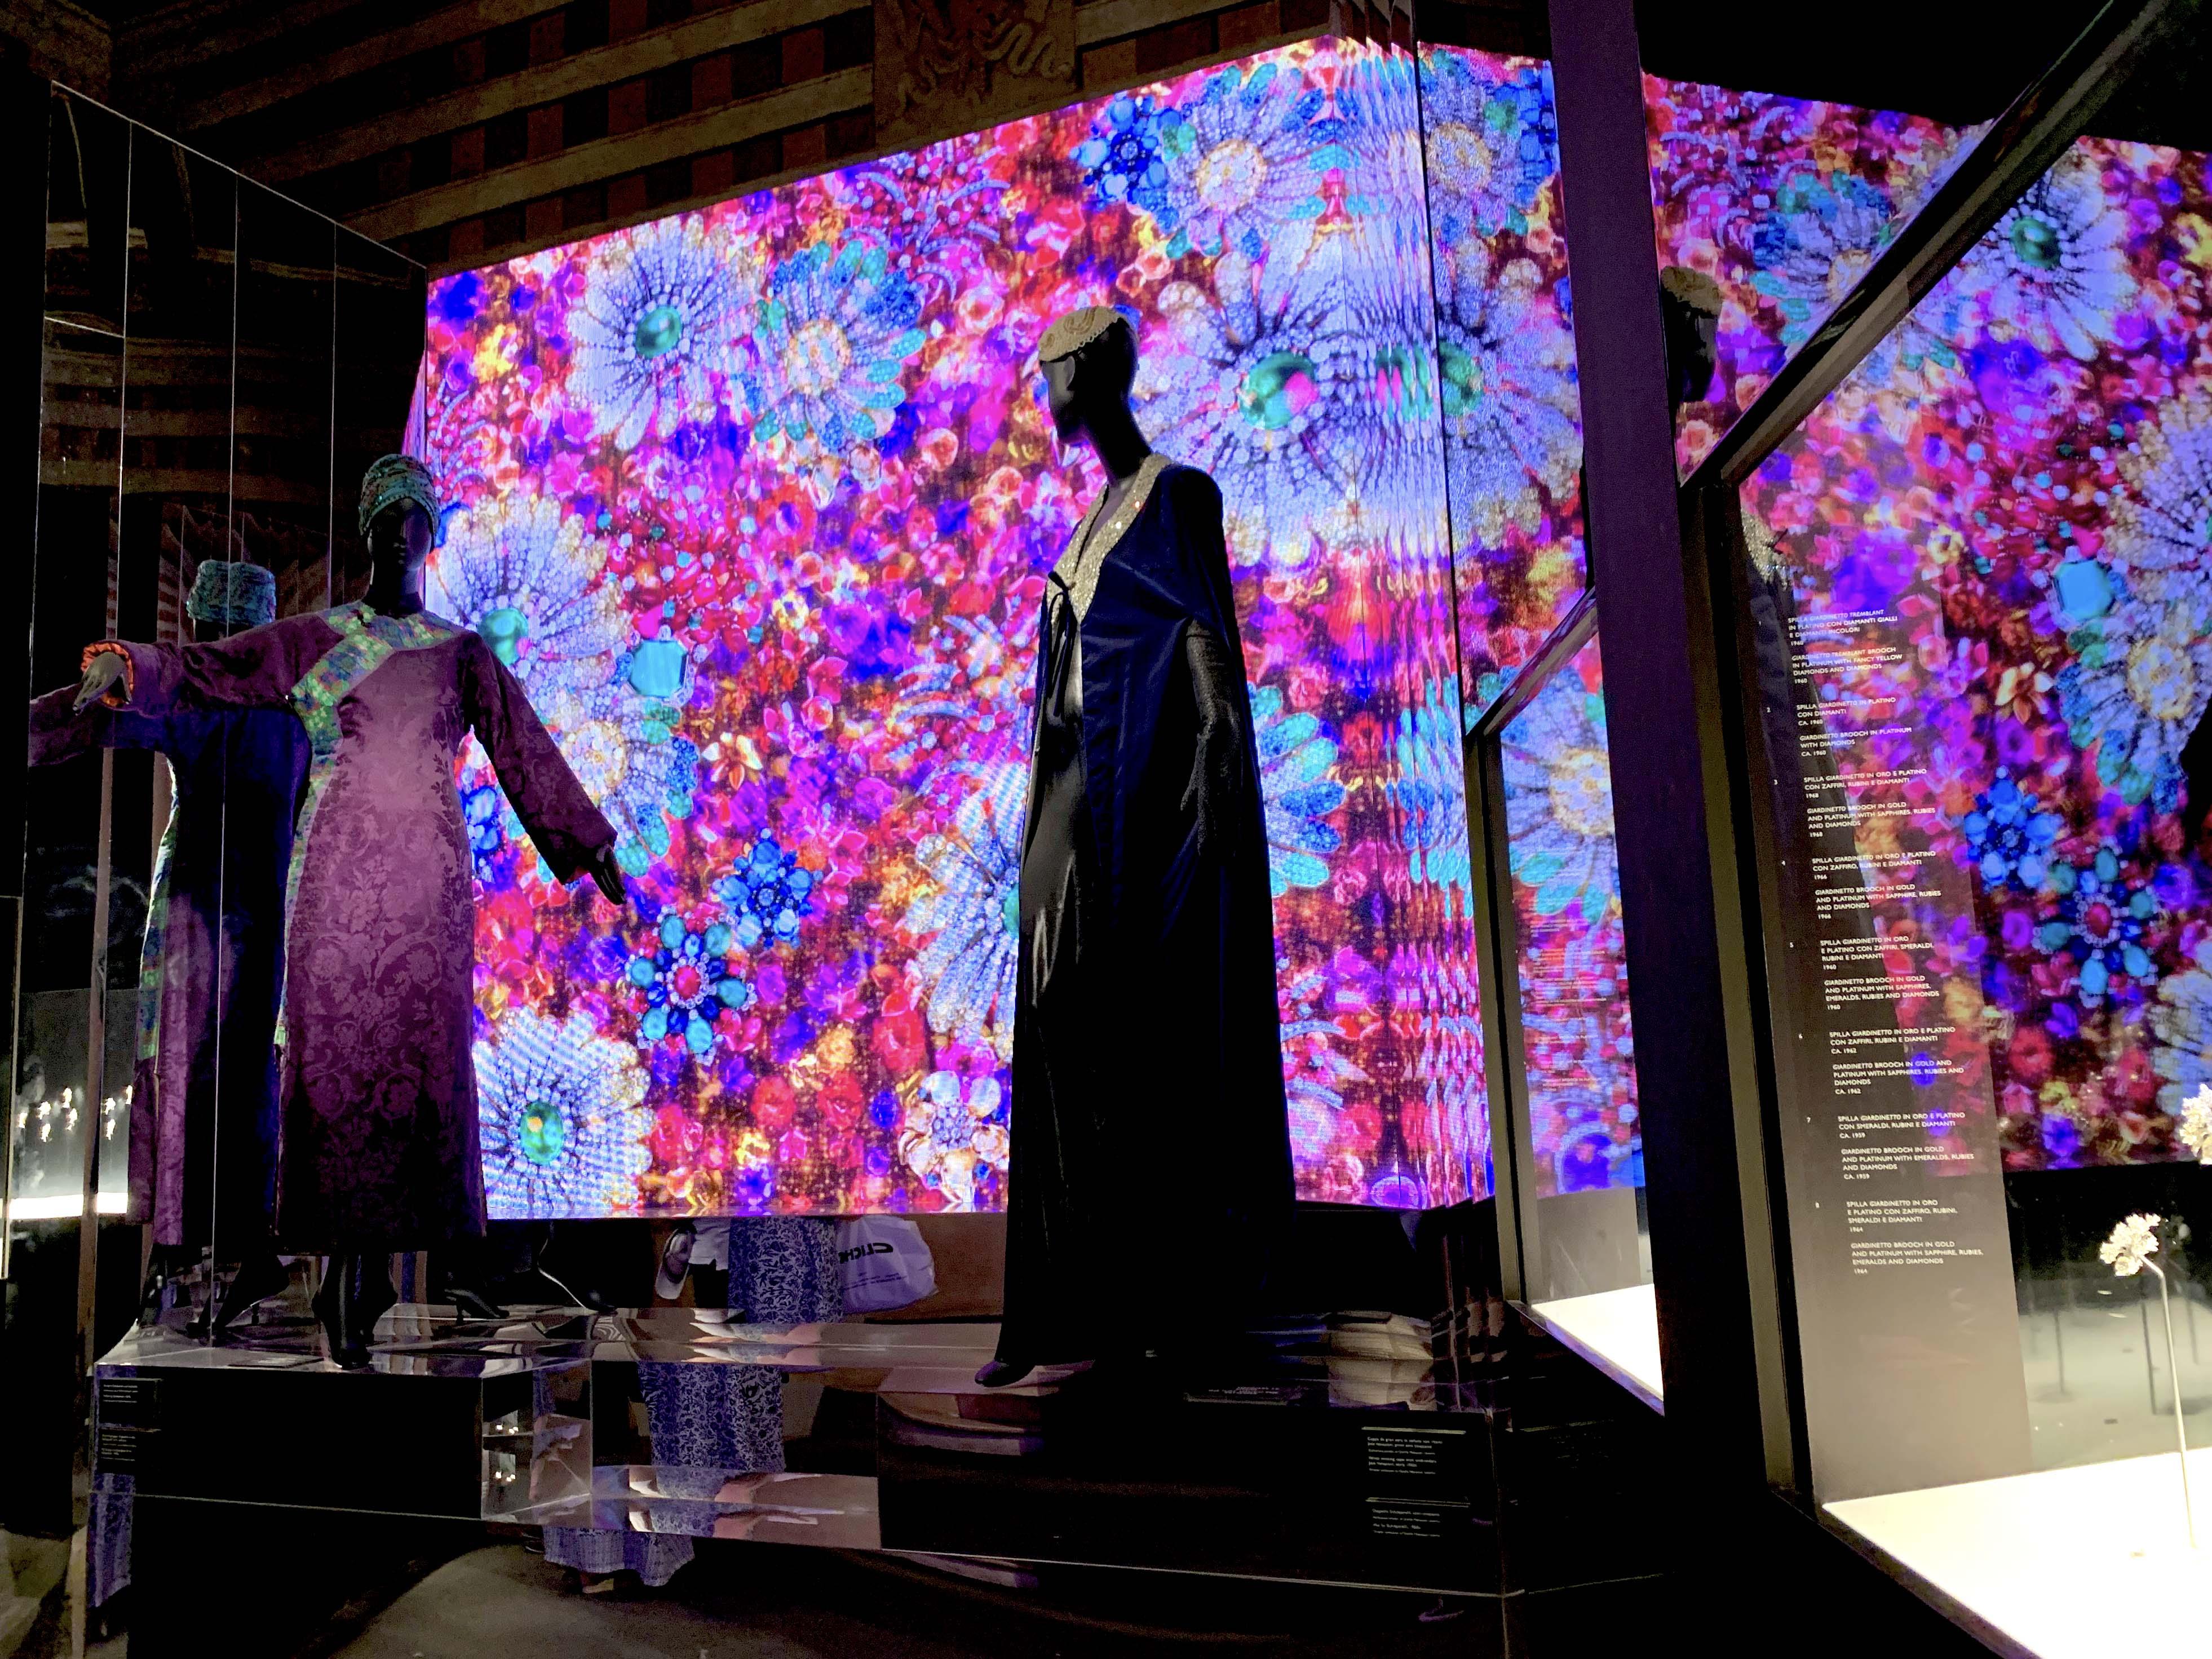 セシリア・マテウッチ・ラバリーニの衣装コレクションが合わせて展示されています